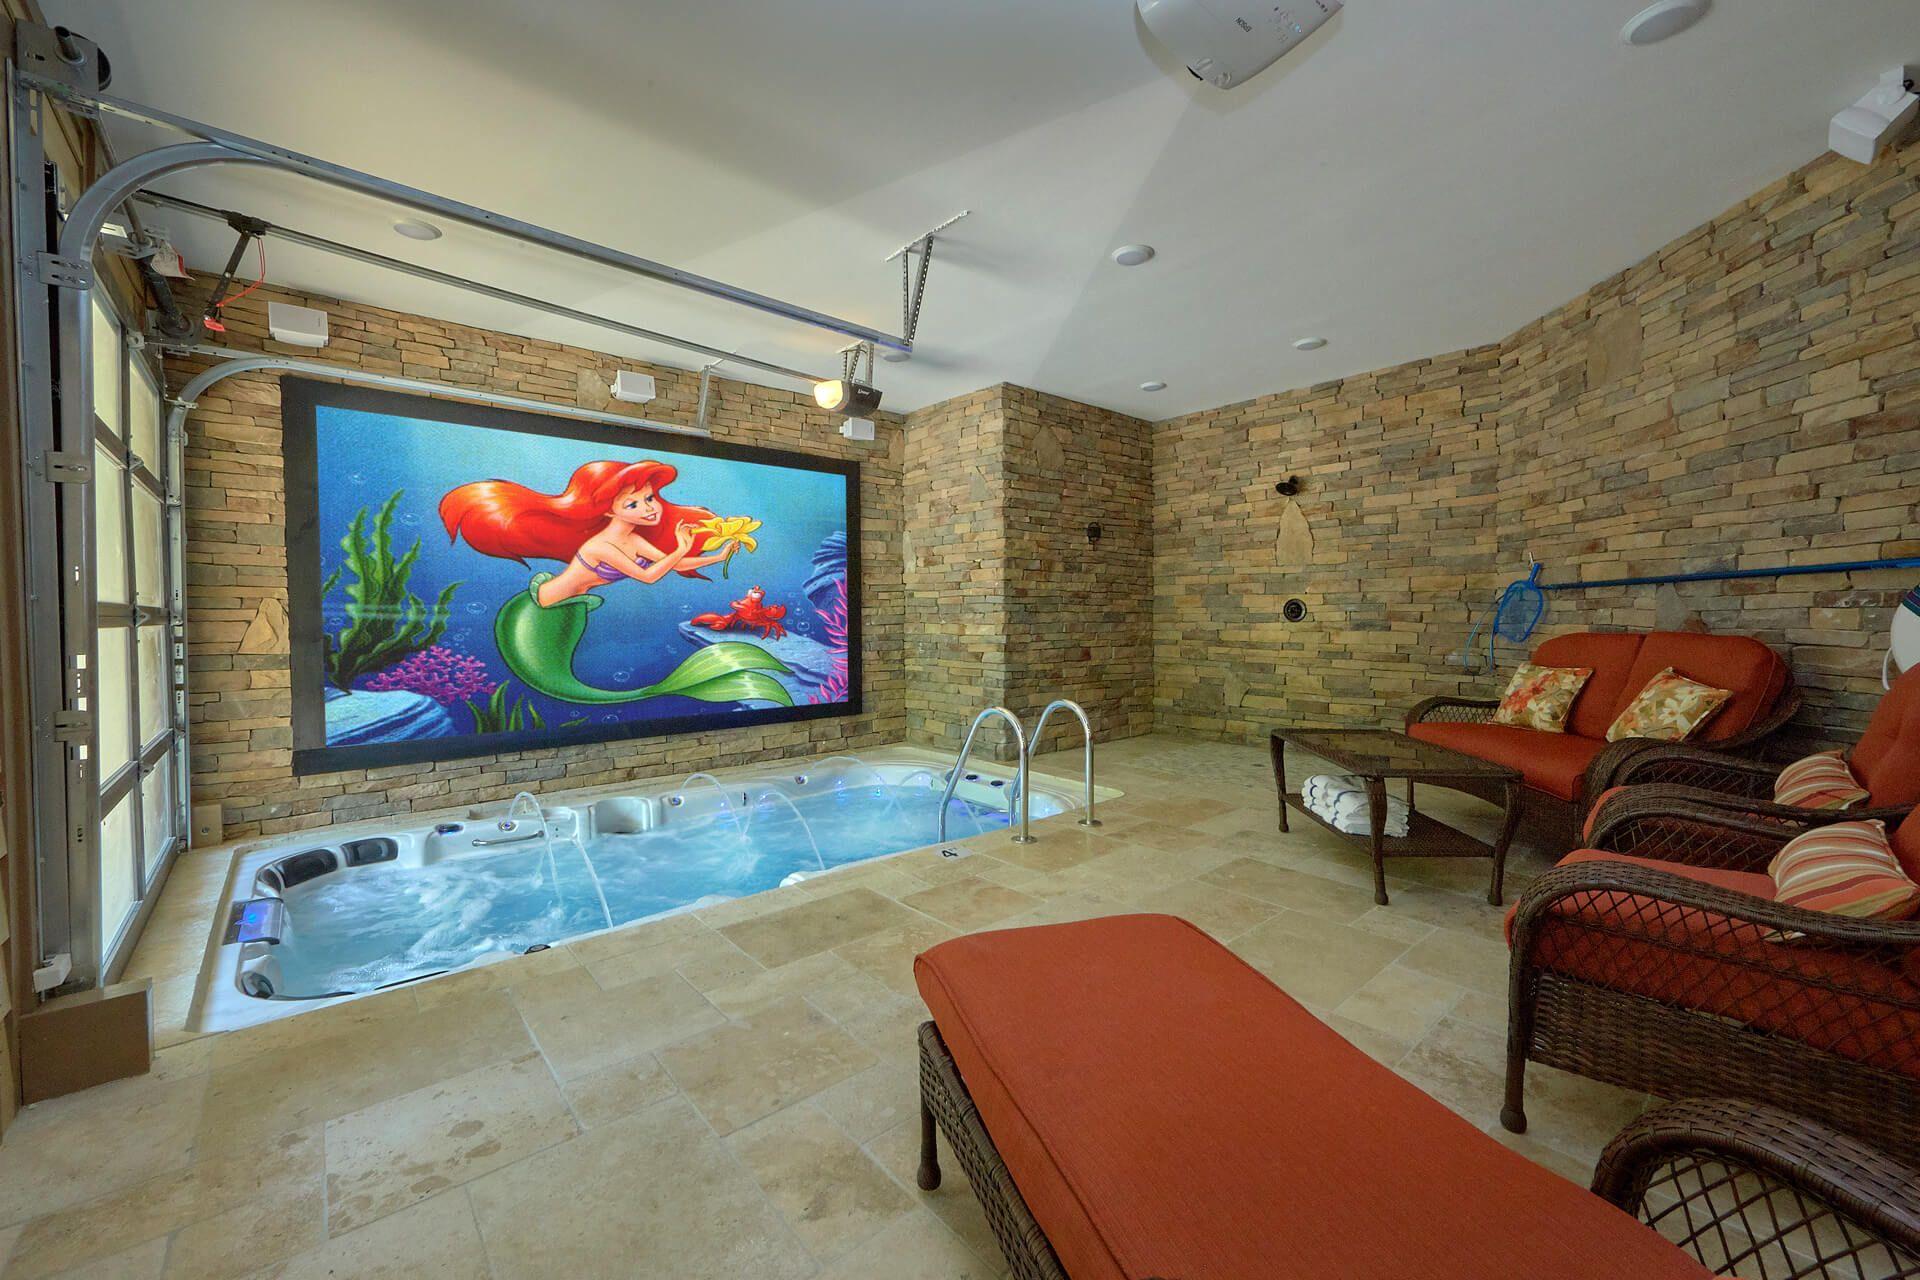 Gatlinburg Cabin Rentals In The Smoky Mountains Indoor Pool Design Indoor Swimming Pool Design Indoor Pool House